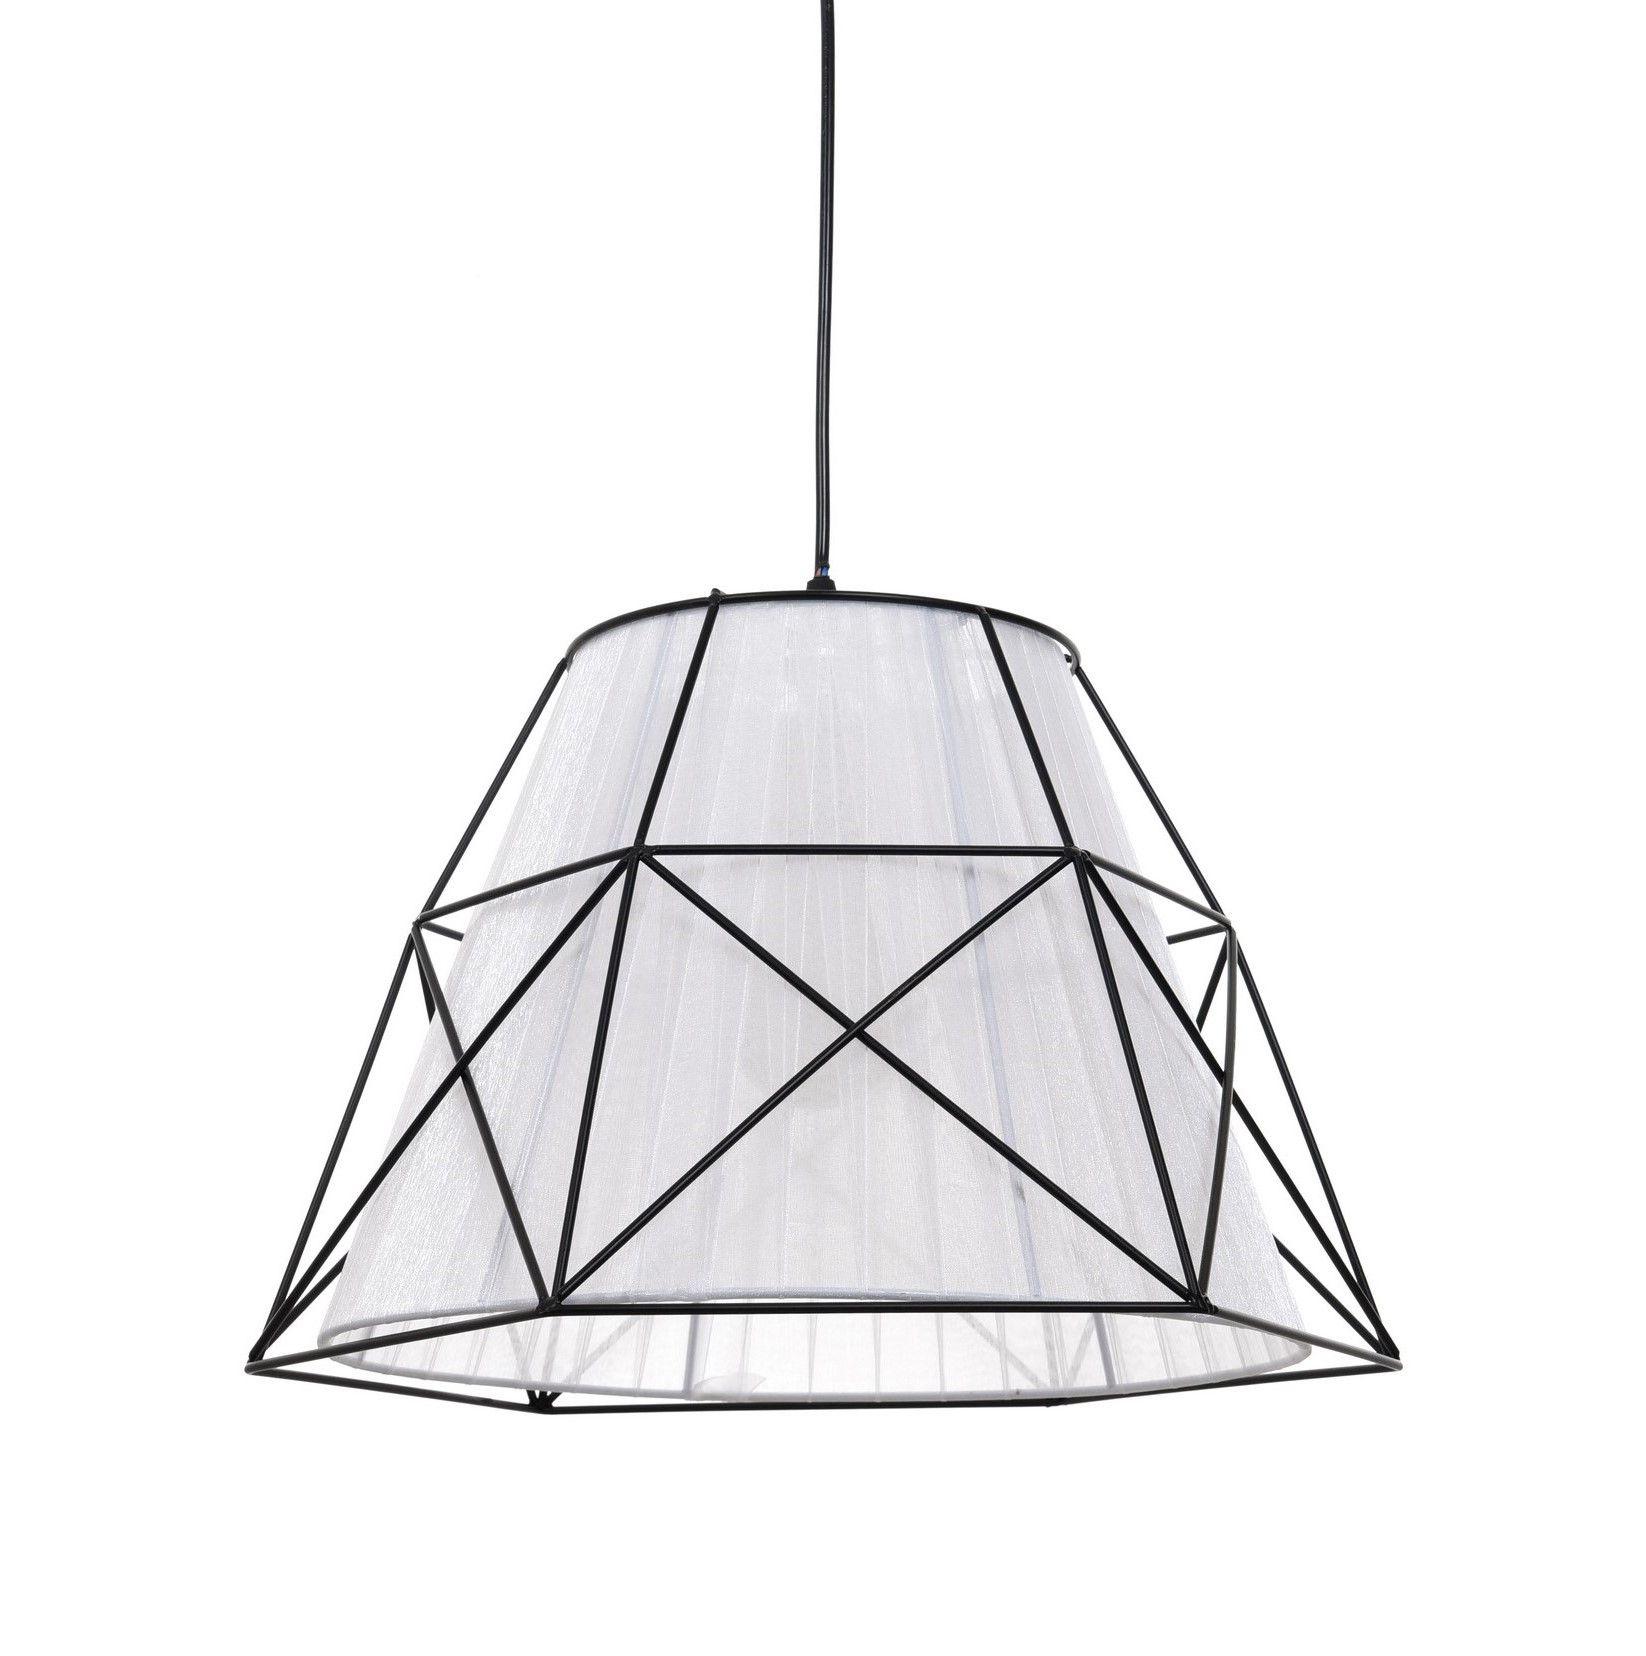 Подвесной светильник Lumina Deco Boneti LDP 8002 BK+WT, 1xE27x40W, черный, черный с белым, металл, текстиль - фото 1